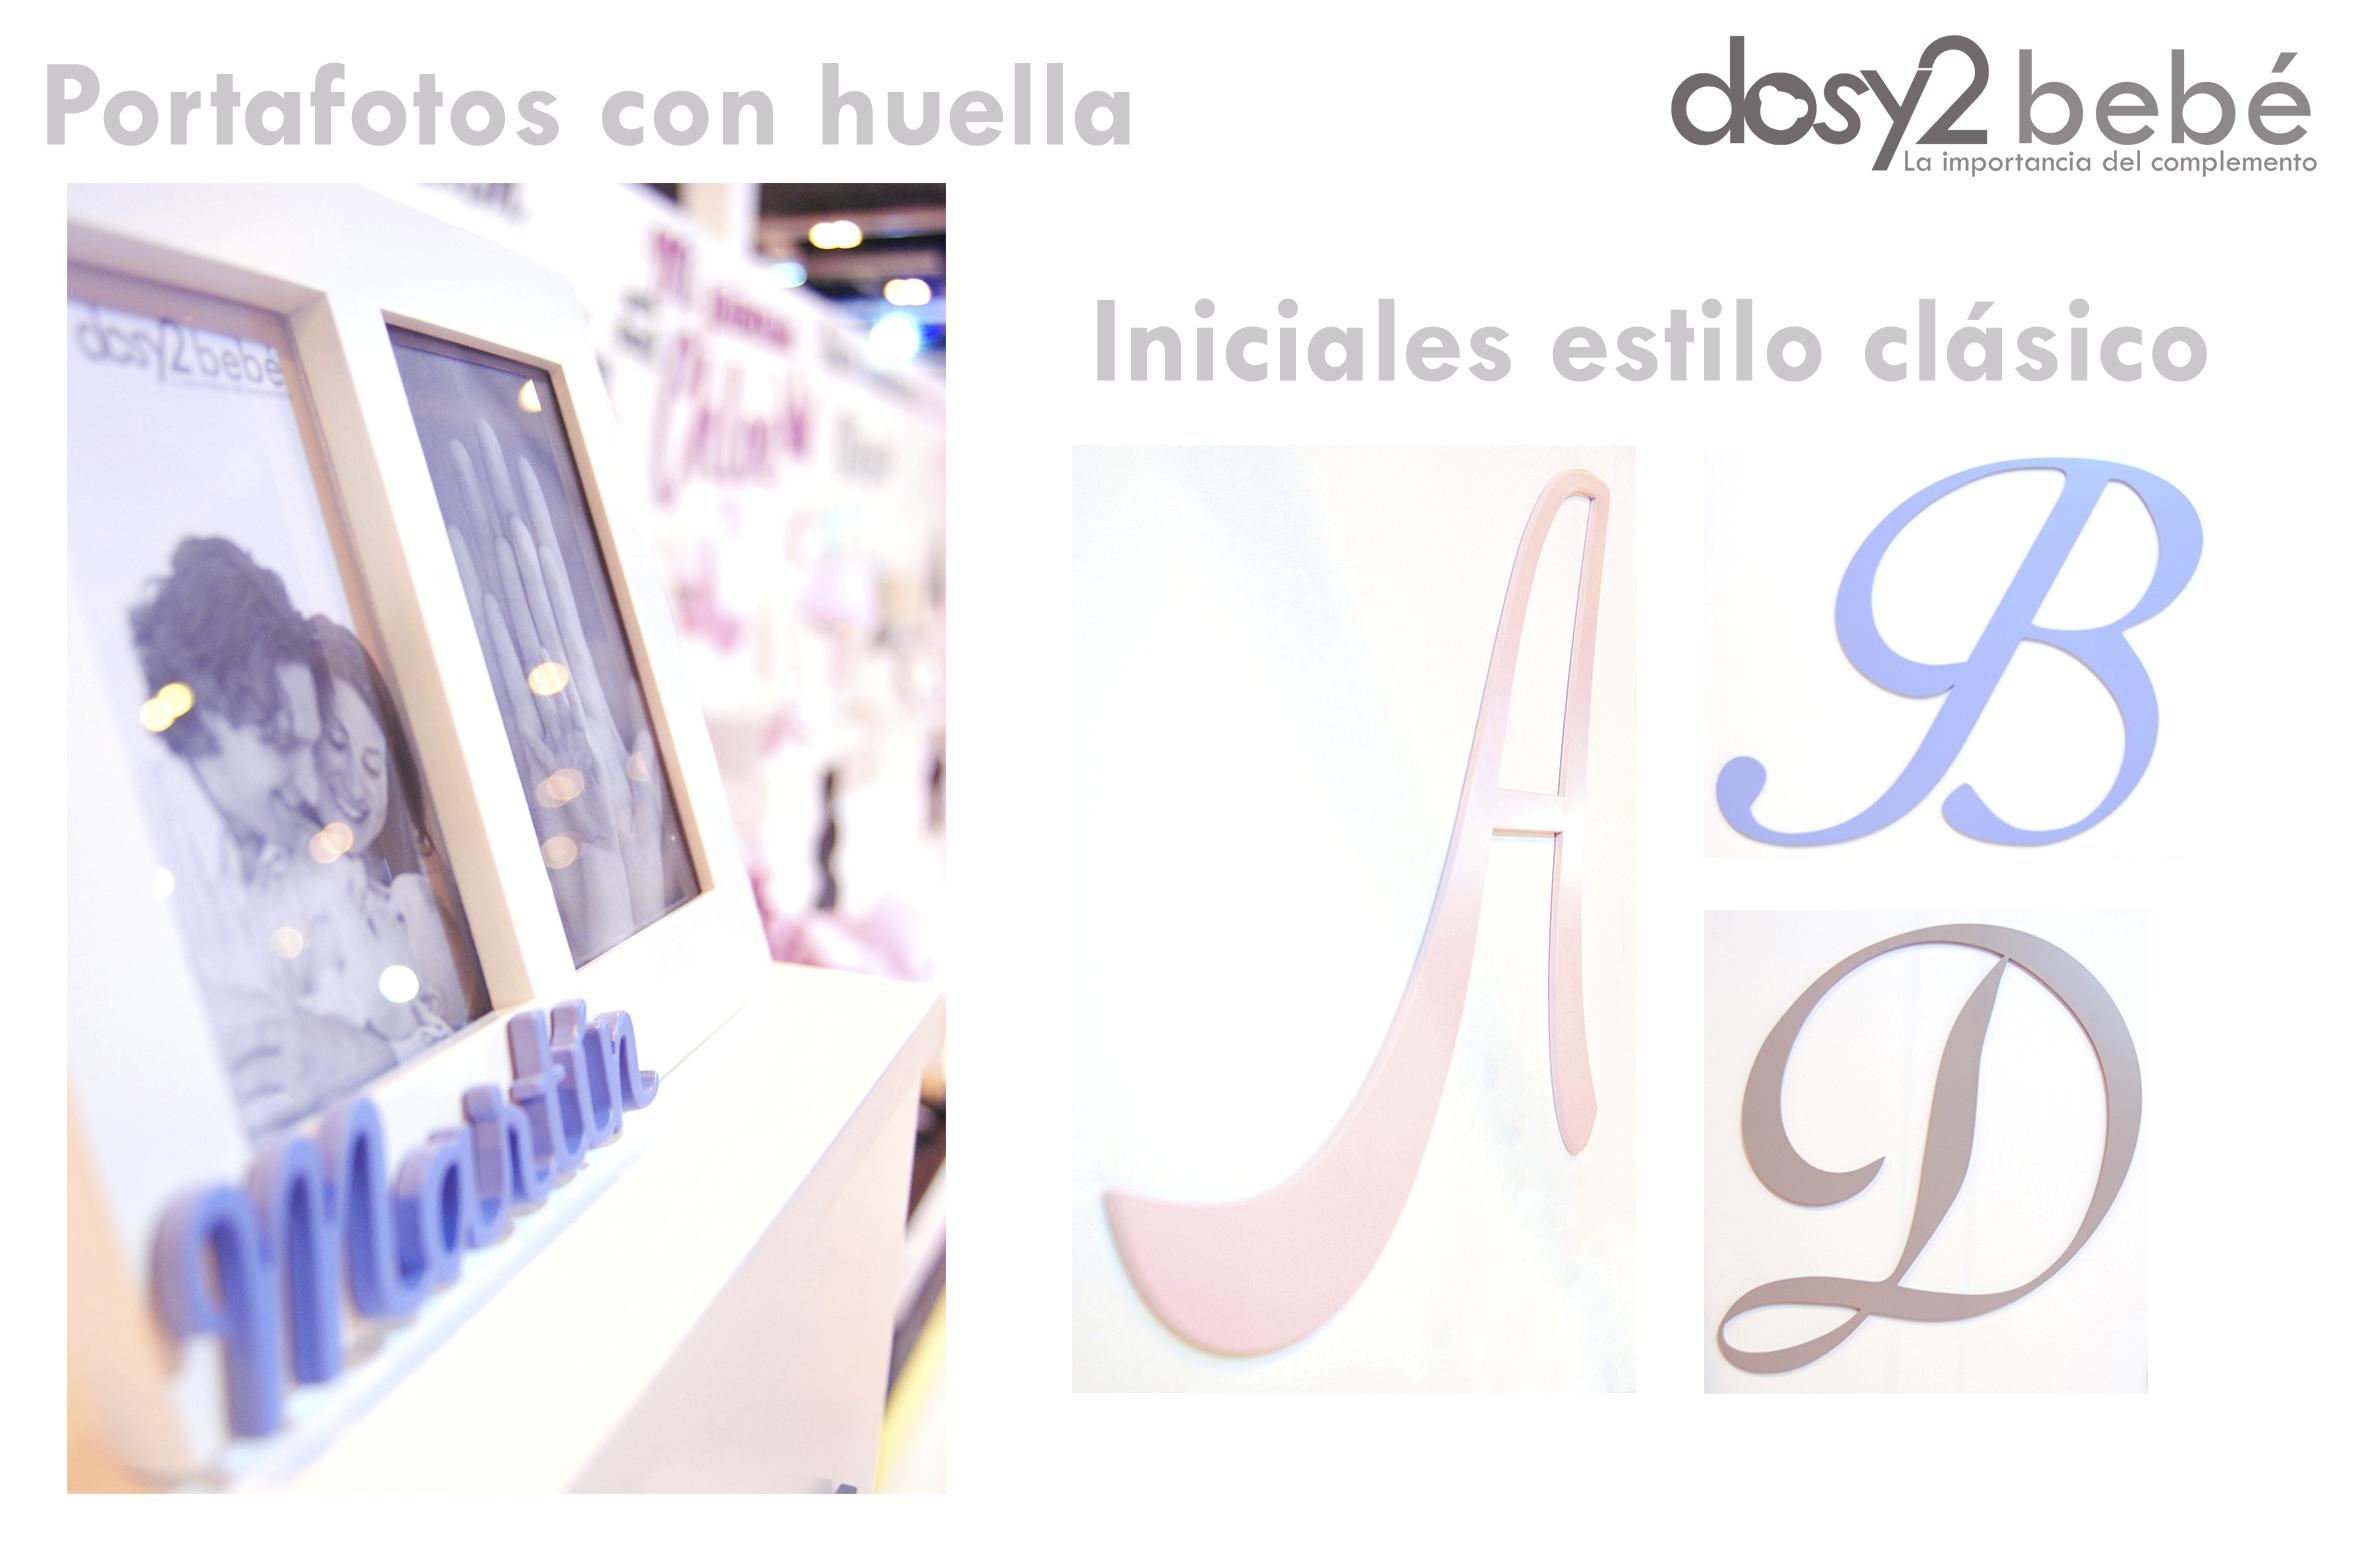 Iniciales_Portafotos